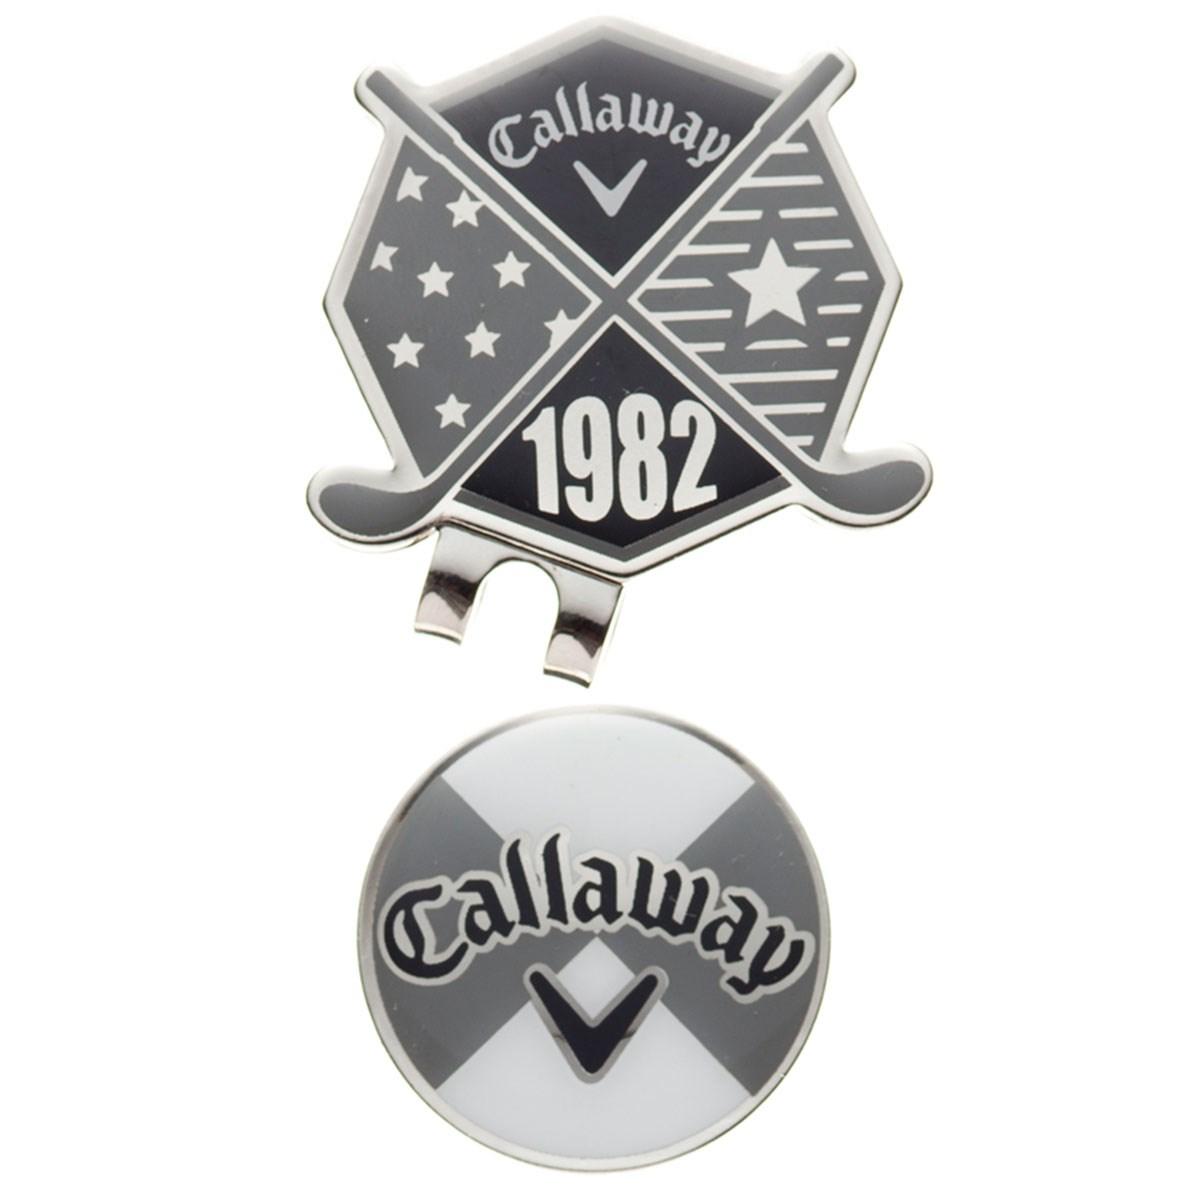 キャロウェイゴルフ(Callaway Golf) SOLID マーカー 17JM